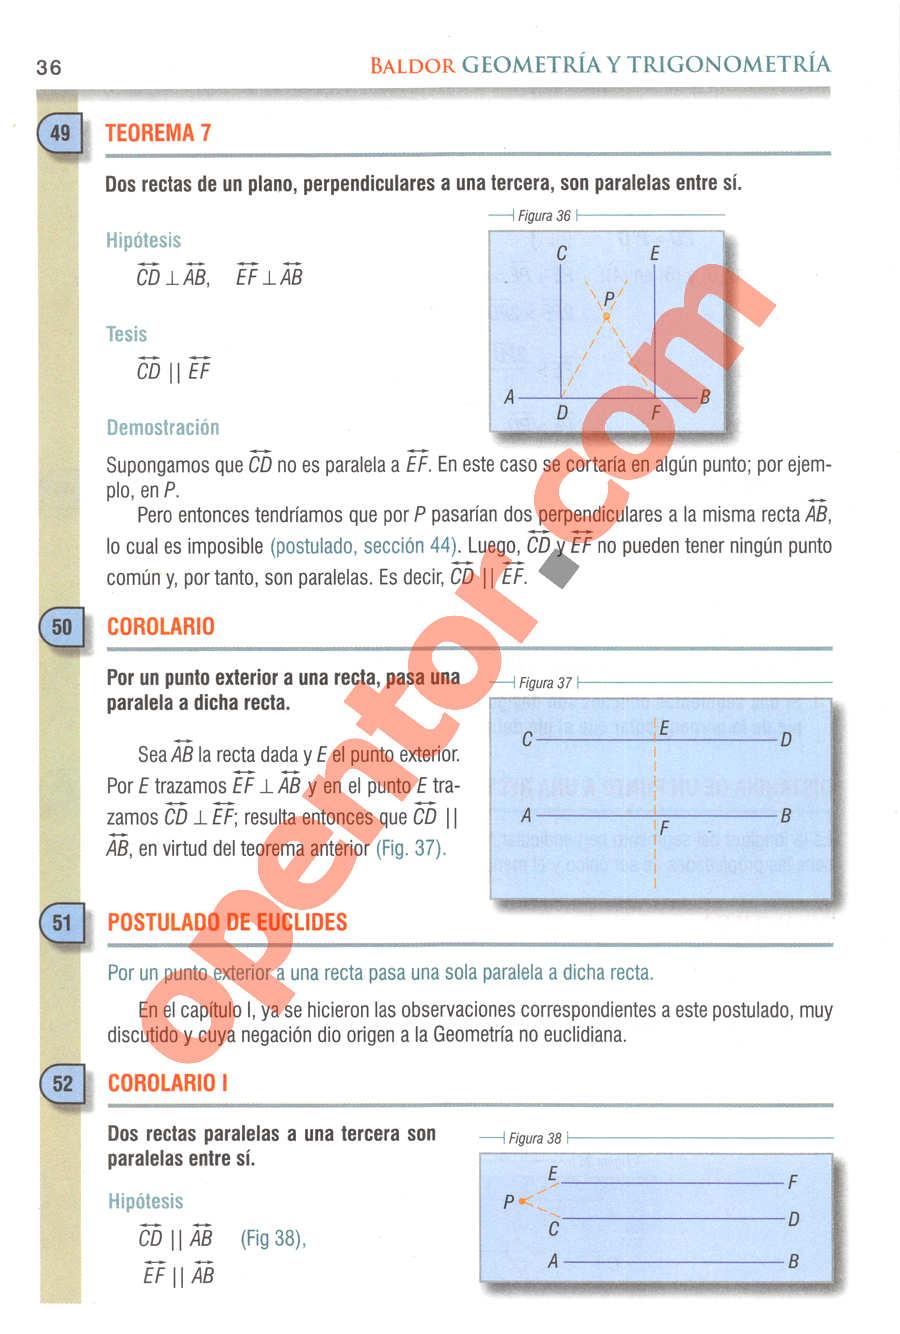 Geometría y Trigonometría de Baldor - Página 36